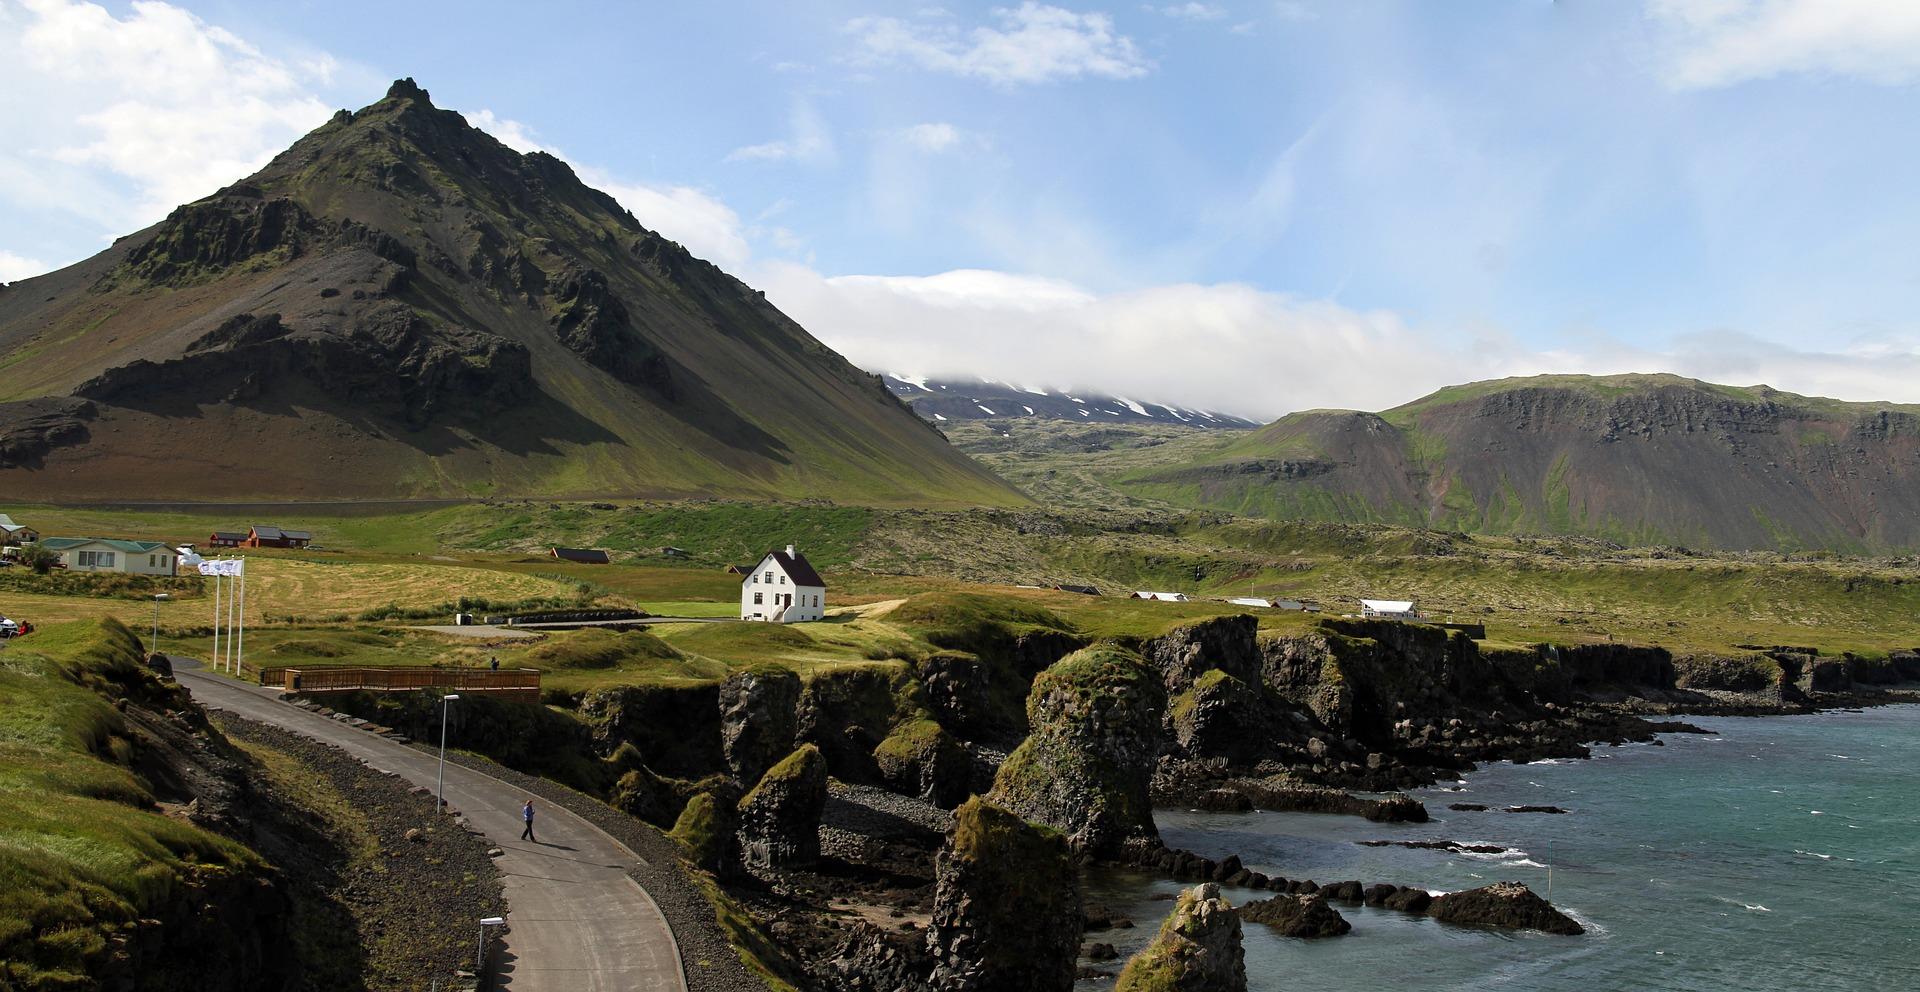 Peisaj islandez